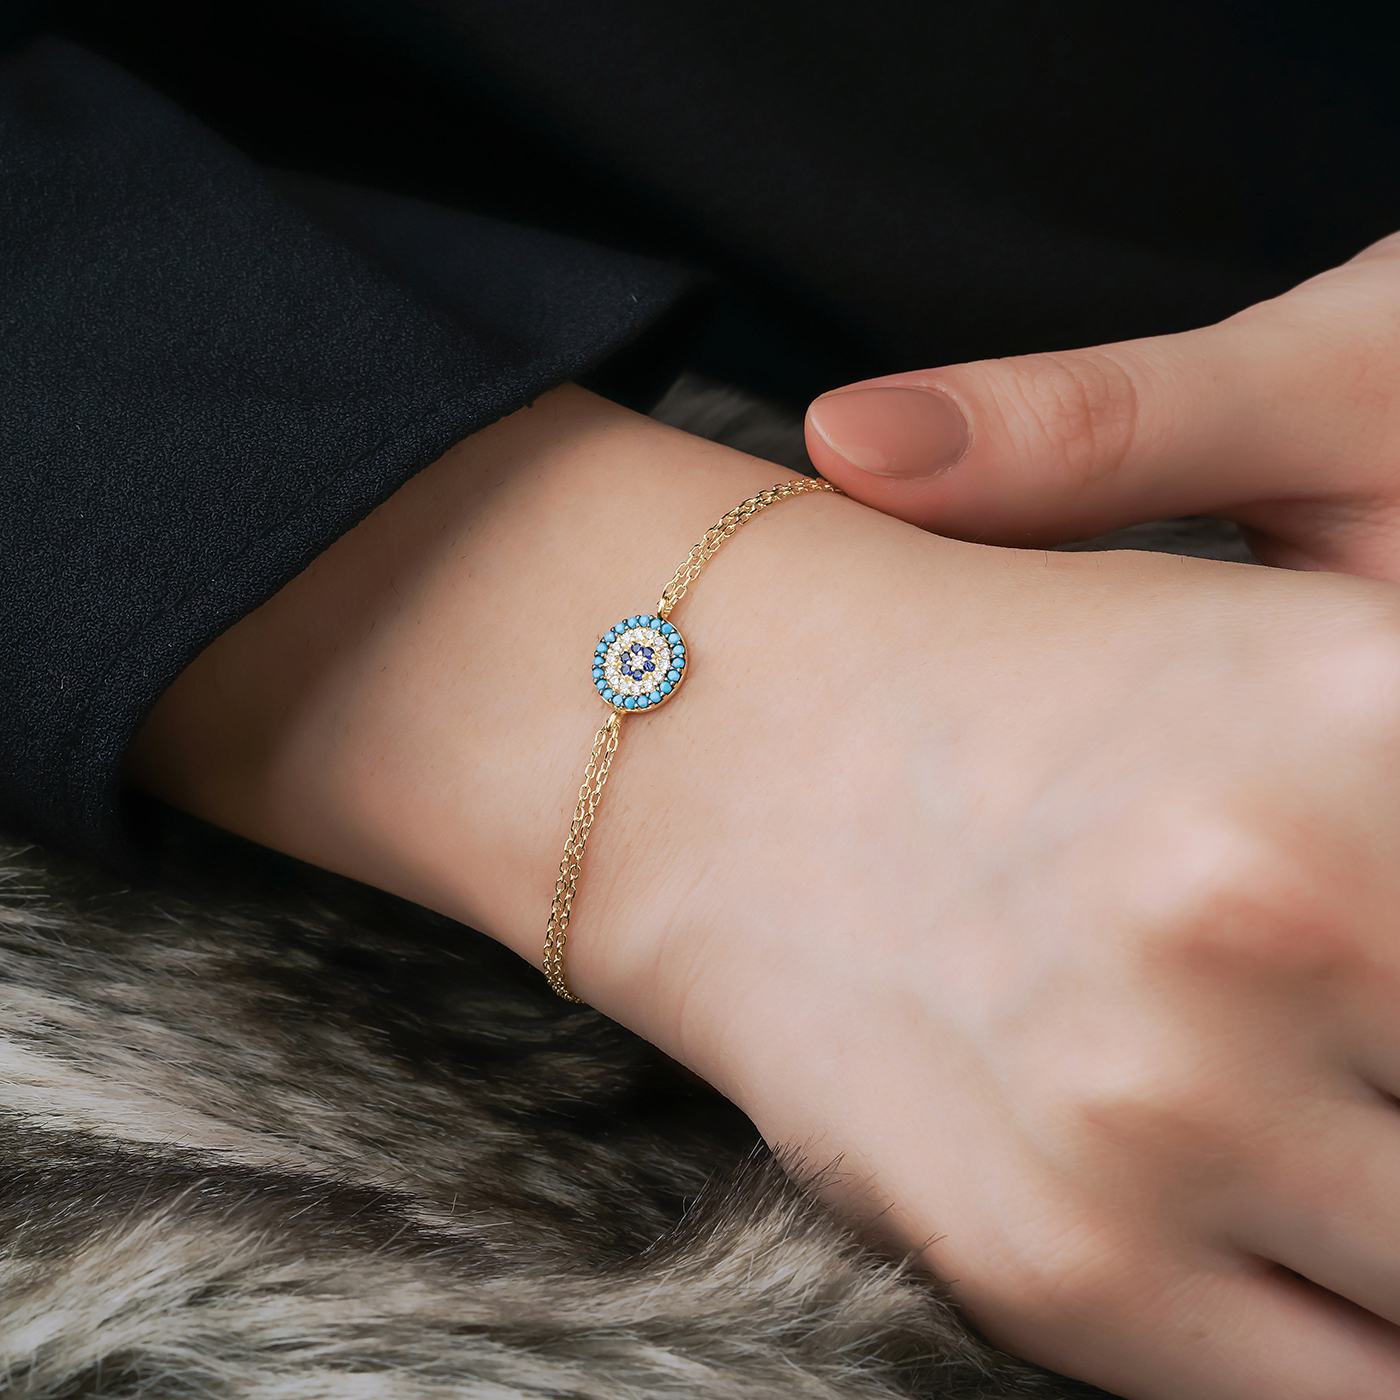 ALMIRA 925 Sterling Silber Damen Armband Nazarauge Silberschmuck Zirkonia